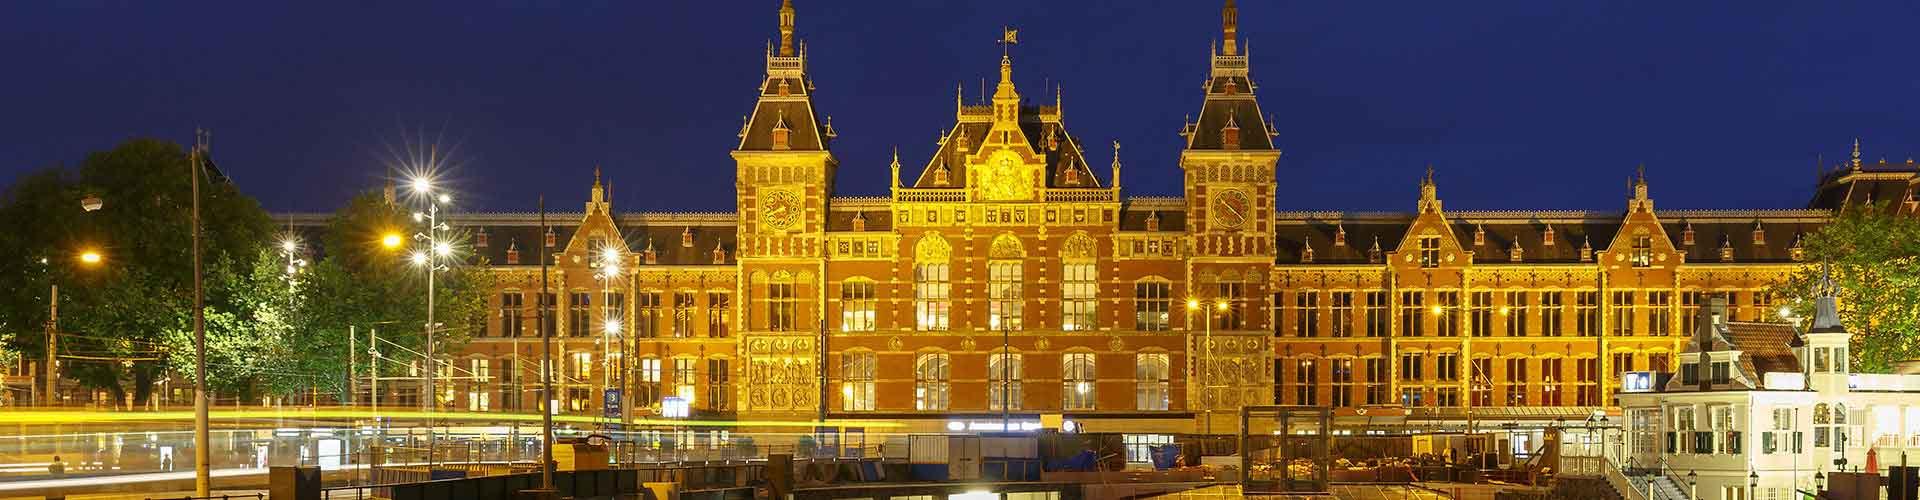 Amsterdam - Habitaciones cerca a Estación de tren de Amsterdam Central . Mapas de Amsterdam, Fotos y comentarios de cada Habitación en Amsterdam.